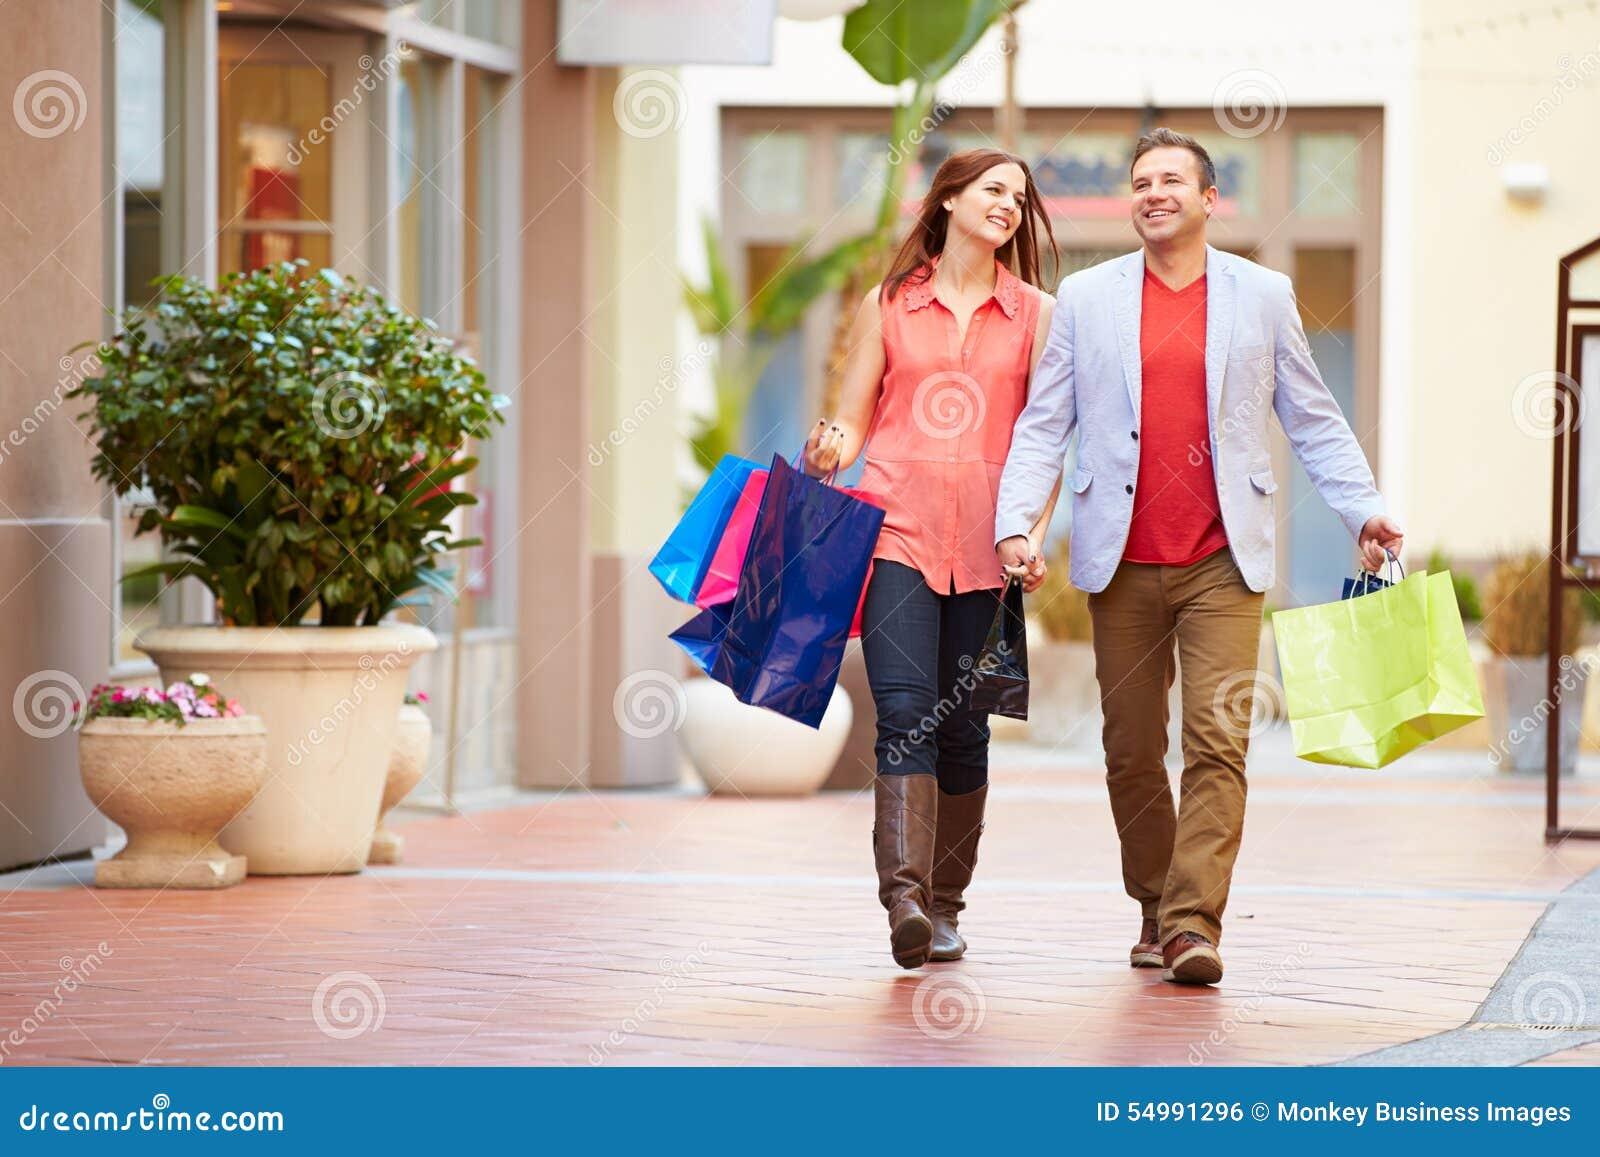 Junge Paare, die durch Mall mit Einkaufstaschen gehen